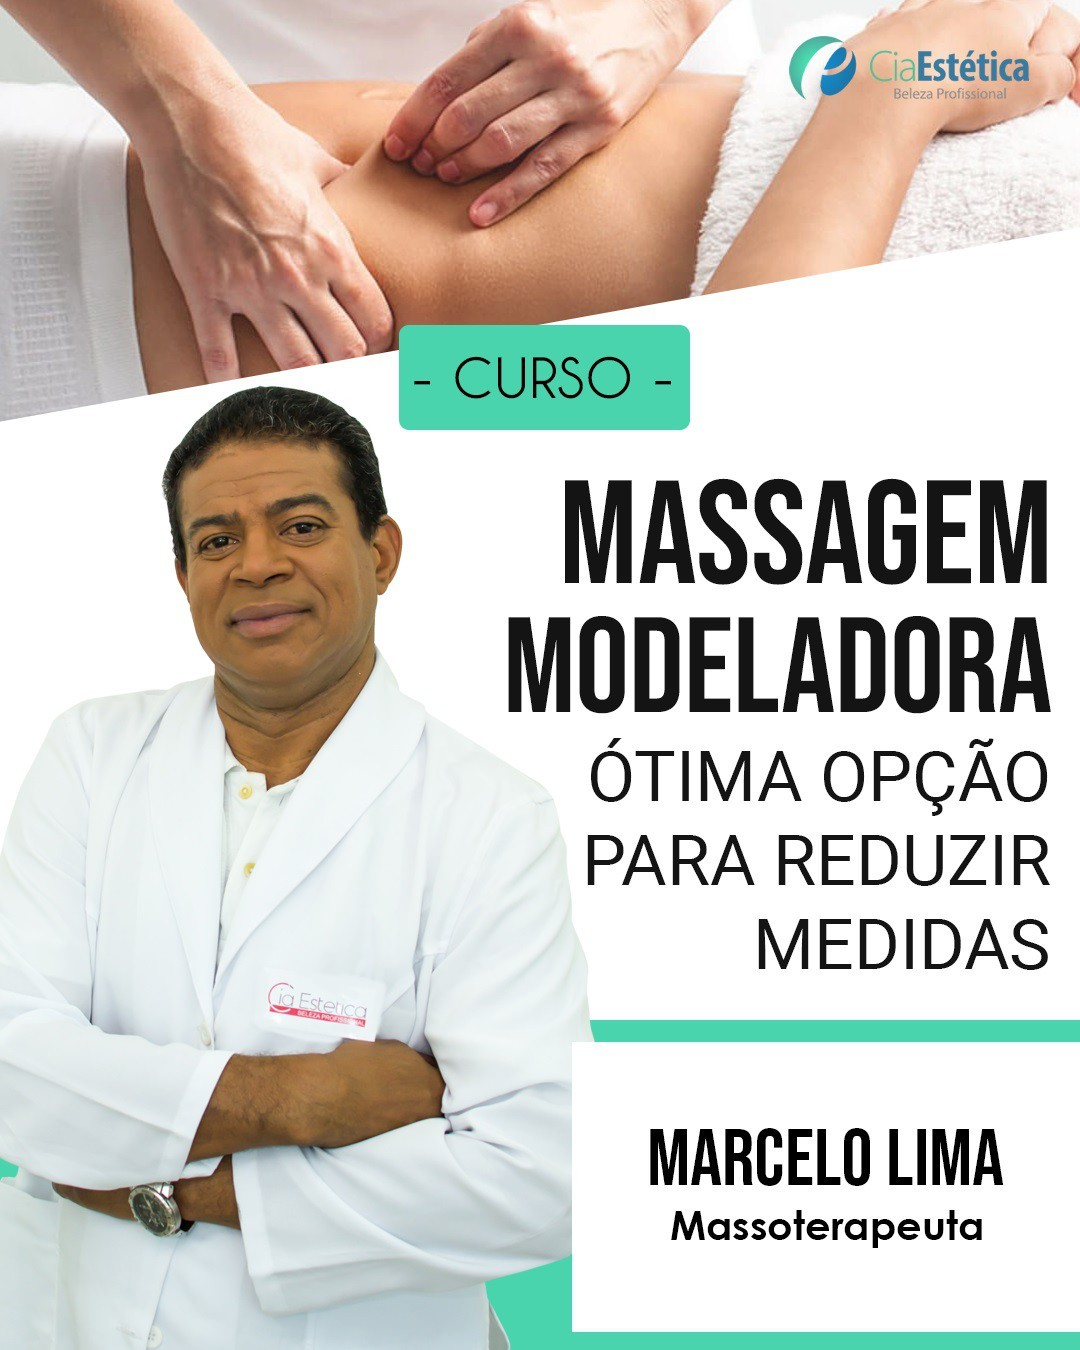 Curso de Massagem Modeladora Master Training